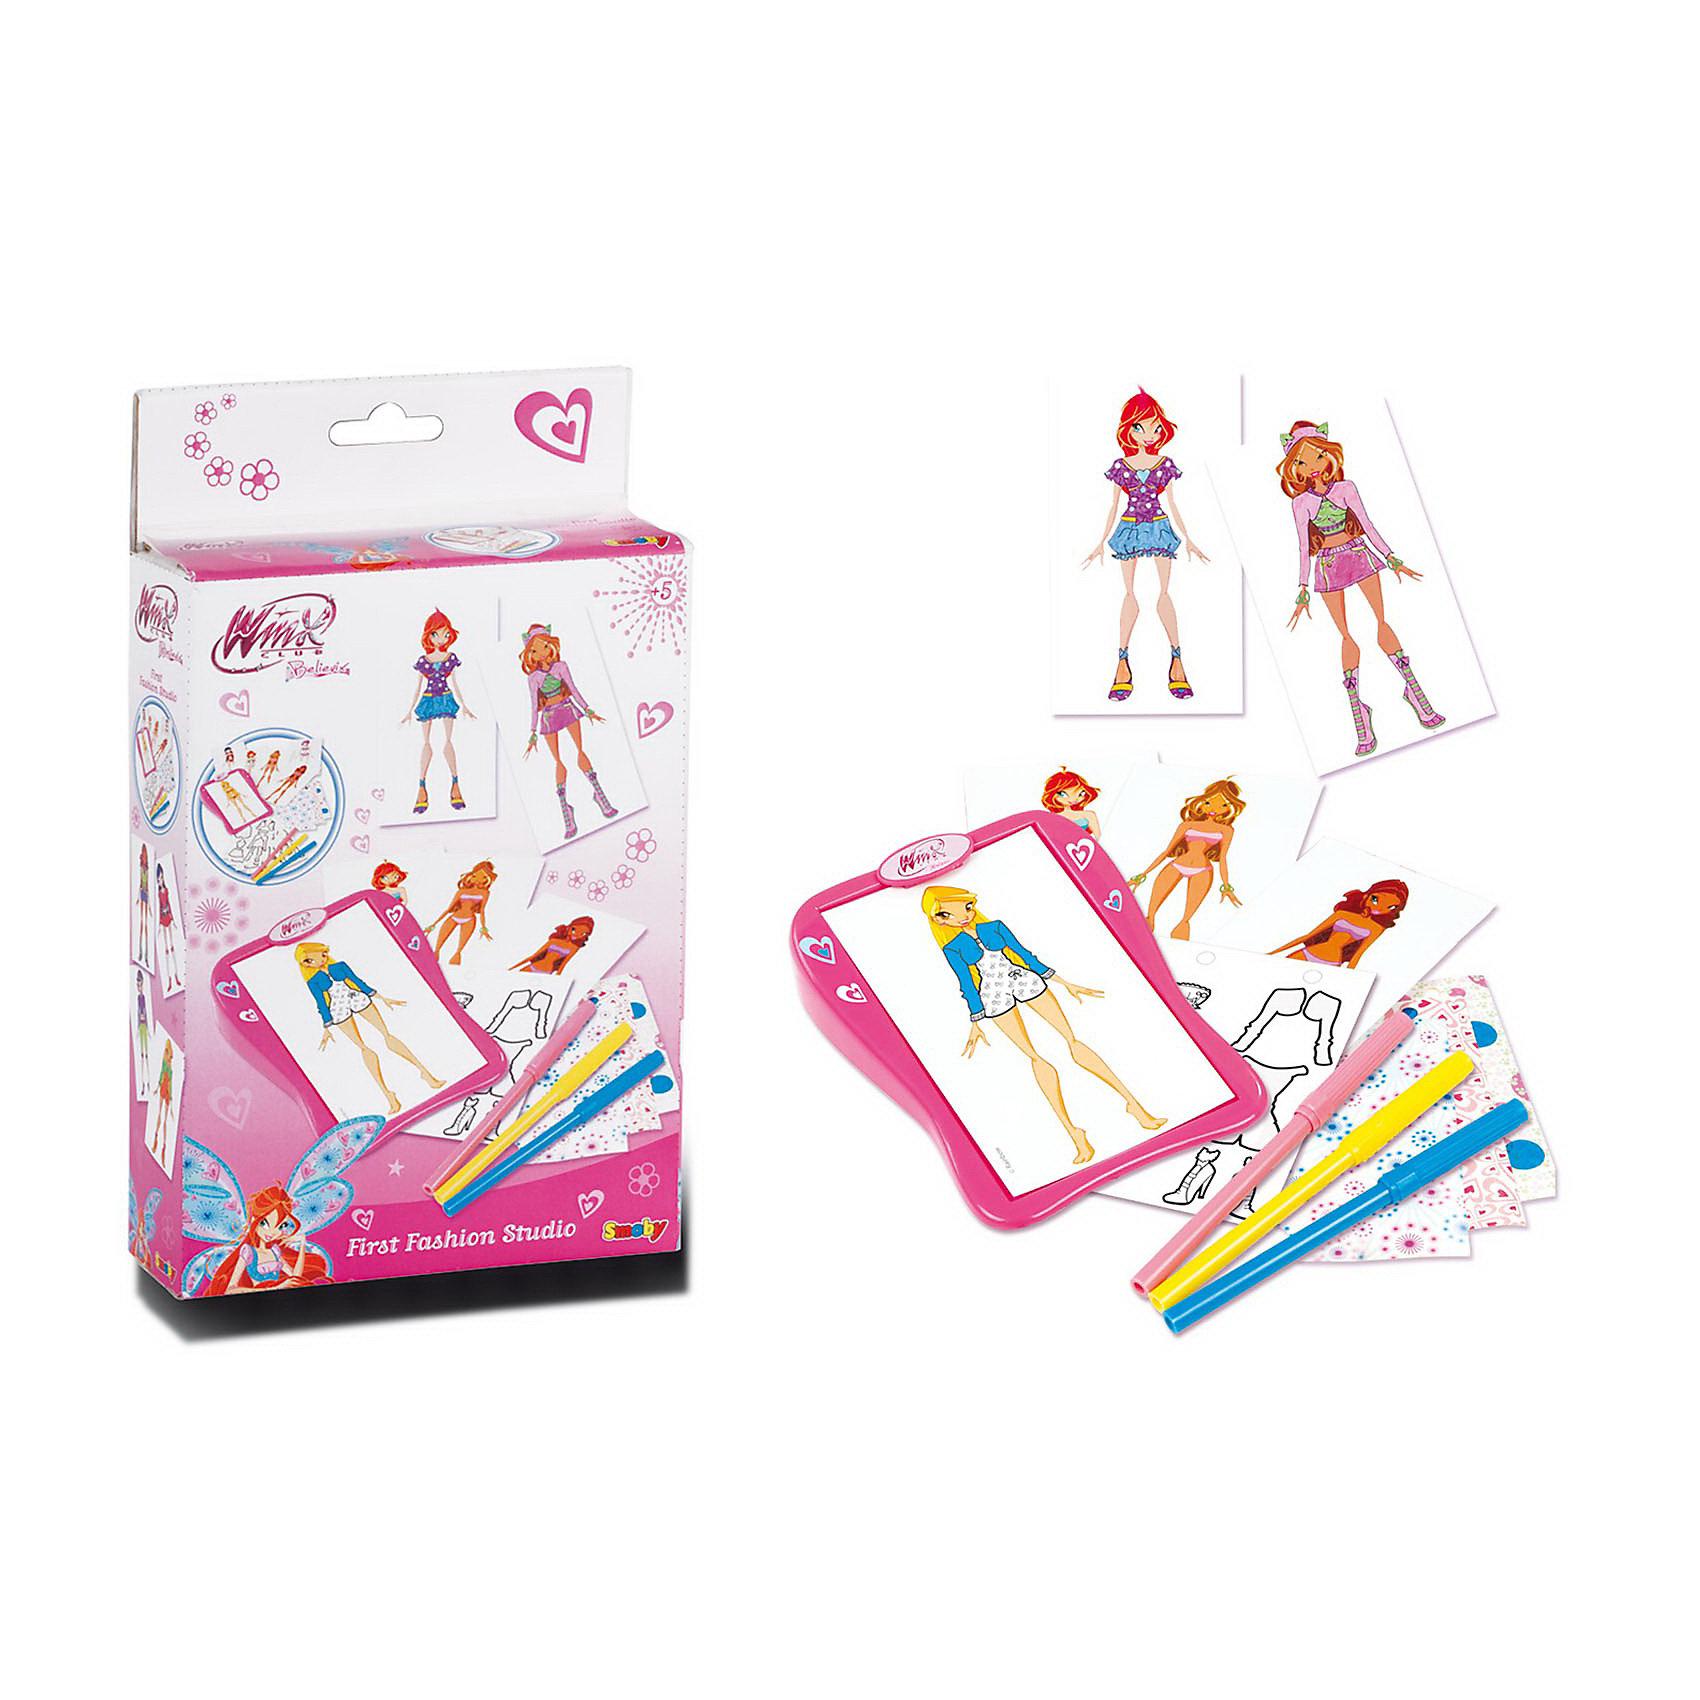 Smoby Первая студия модыДля того чтобы стать модельером, надо много практиковаться. Студия моды №1 Winx (Винкс) - это чудесная возможность для девочек почувствовать себя модельером! Девочки смогут придумывать дизайнерскую одежду собственной марки для своих кукол. В комплекте есть 6 персонажей Winx и множество различных аксессуаров для работы модельера. Студия моды №1 Winx отлично развивает детское воображение. <br><br>Дополнительная информация: <br><br>- размер упаковки: 17,5 х 3 х 12,5 см<br>- ширина упаковки: 22 см<br>- длина упаковки: 13 см<br>- высота упаковки:   4 см<br>- вес:  0,203 кг<br><br>Студию моды №1 Winx (Винкс)  от  Smoby можно купить в нашем интернет-магазине.<br><br>Ширина мм: 175<br>Глубина мм: 30<br>Высота мм: 125<br>Вес г: 200<br>Возраст от месяцев: 48<br>Возраст до месяцев: 1188<br>Пол: Женский<br>Возраст: Детский<br>SKU: 2357564